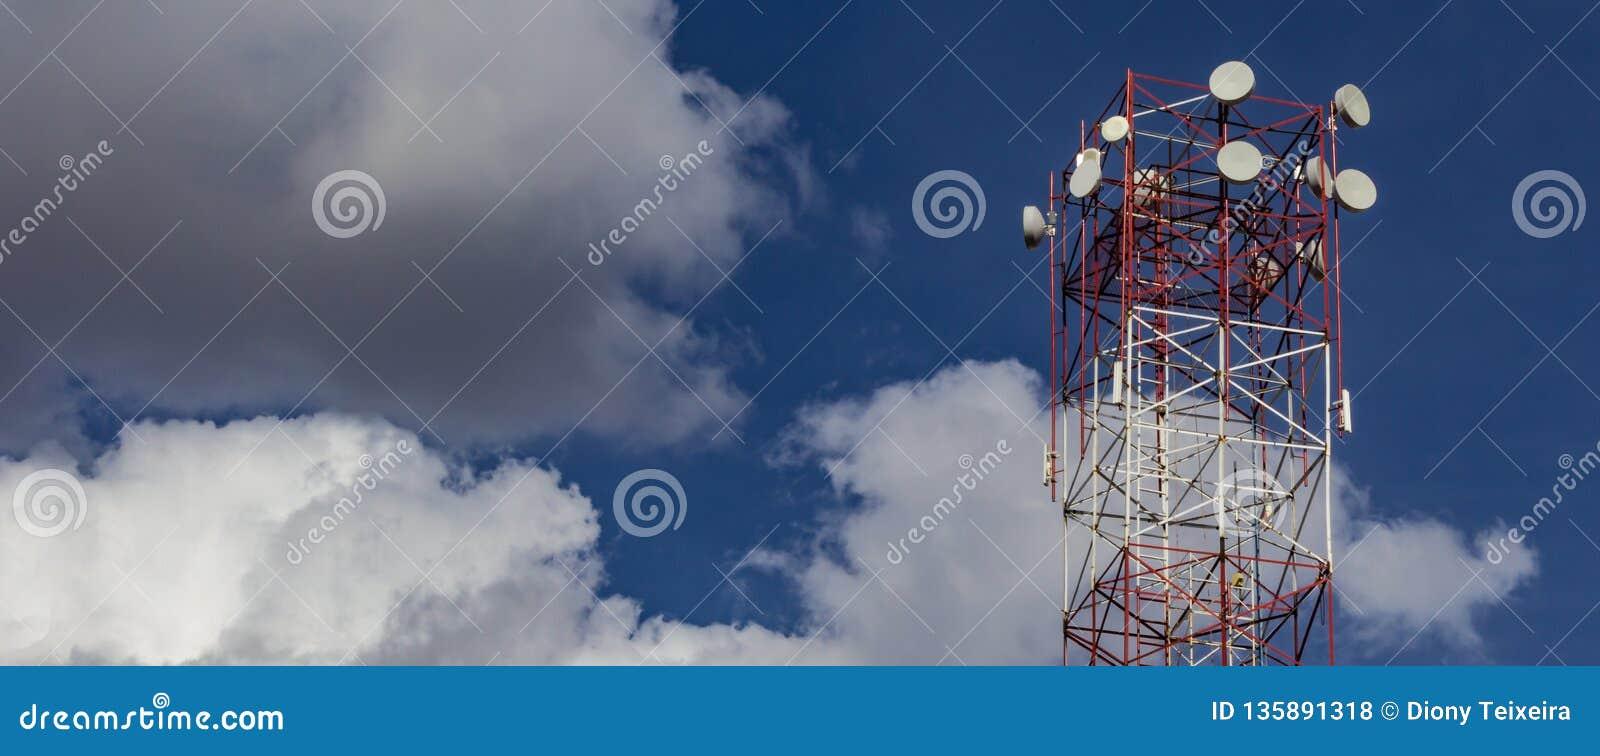 Toren van draadloos Internet Blauwe hemel met wolken op de achtergrond met exemplaarruimte voor het toevoegen van tekst